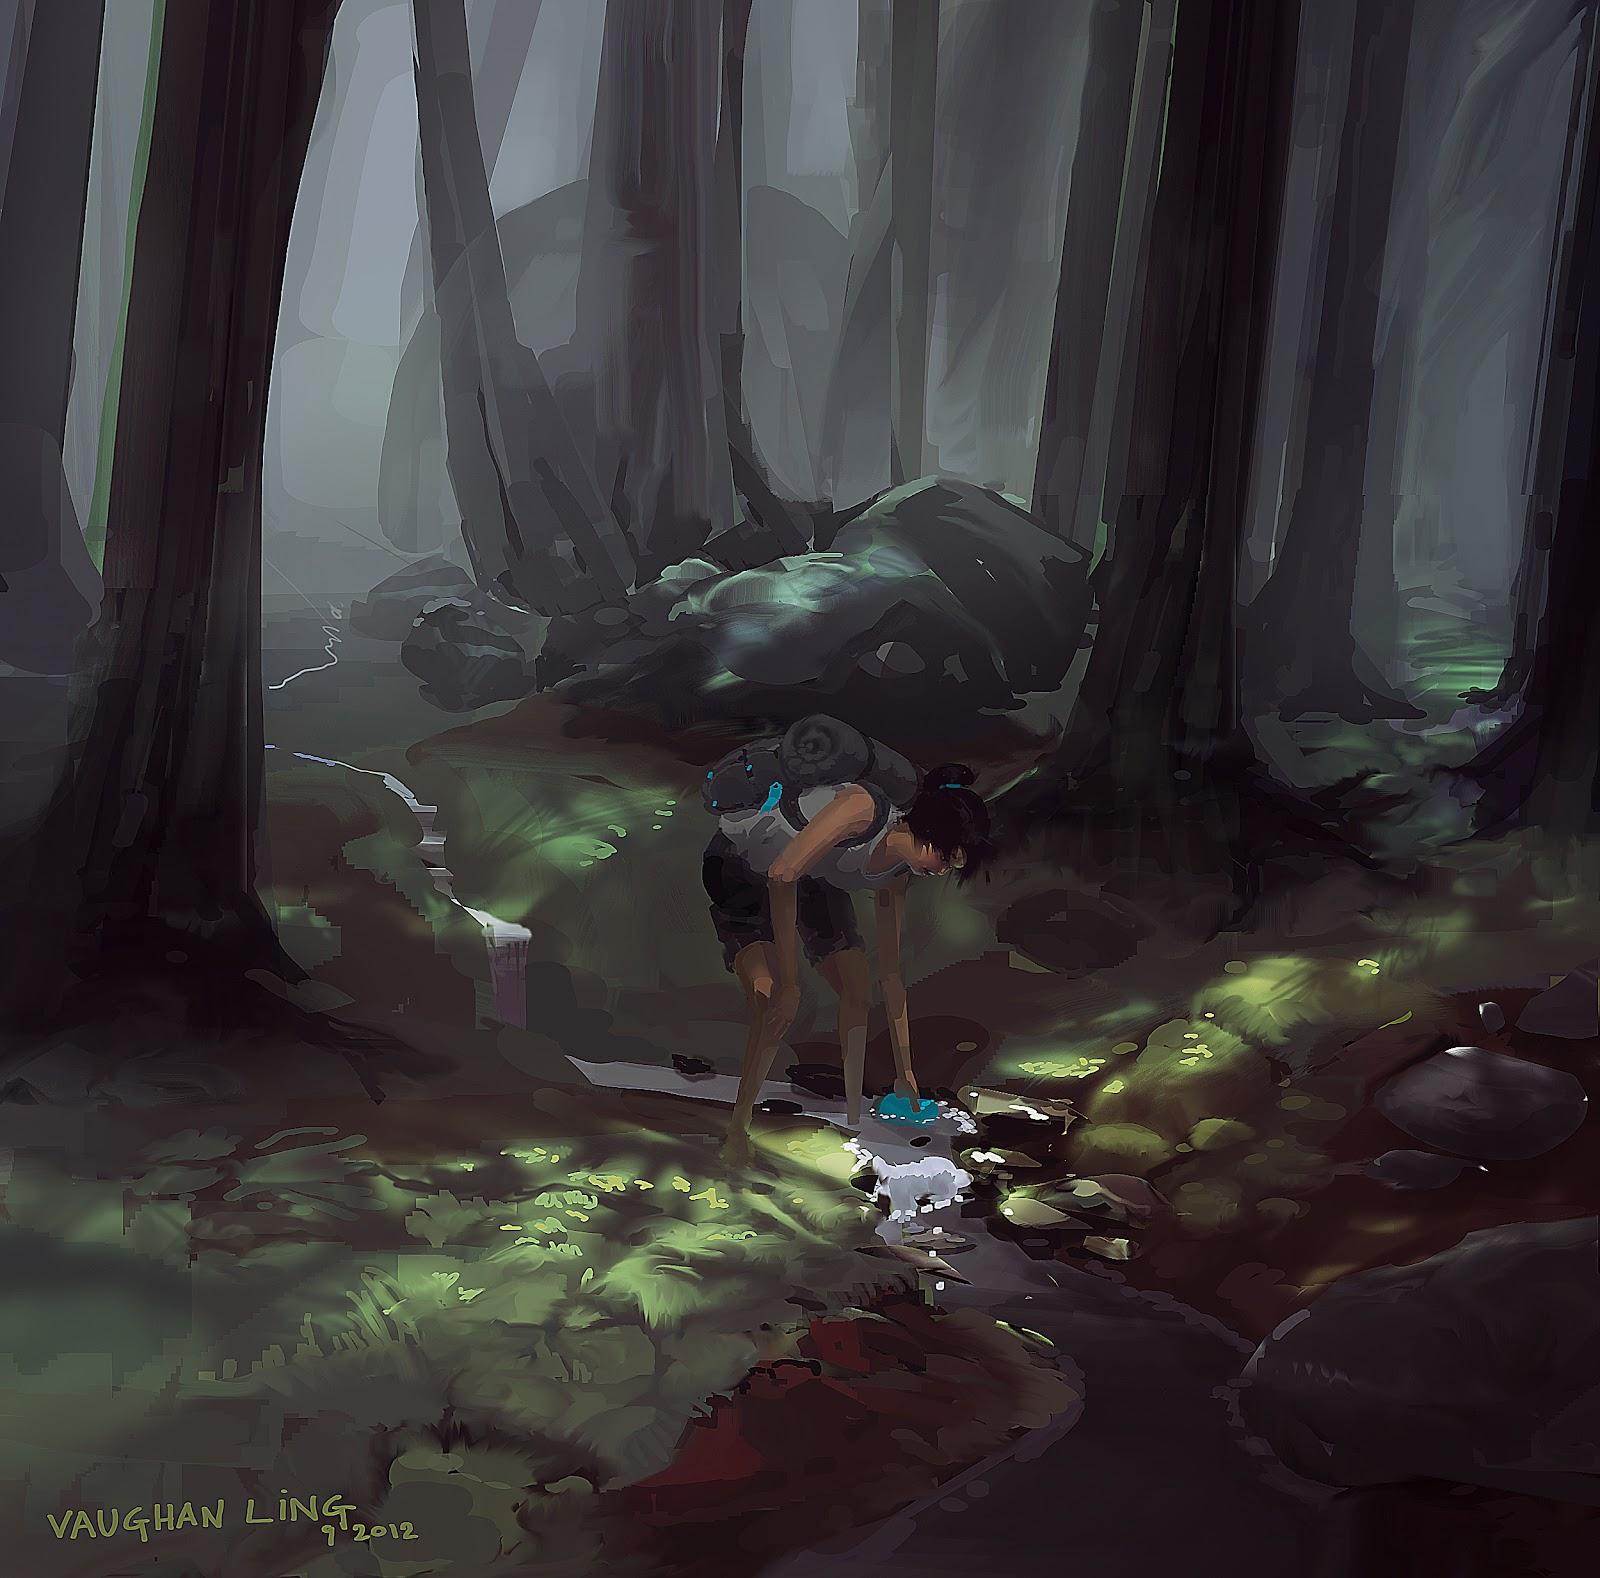 V Ling Forest